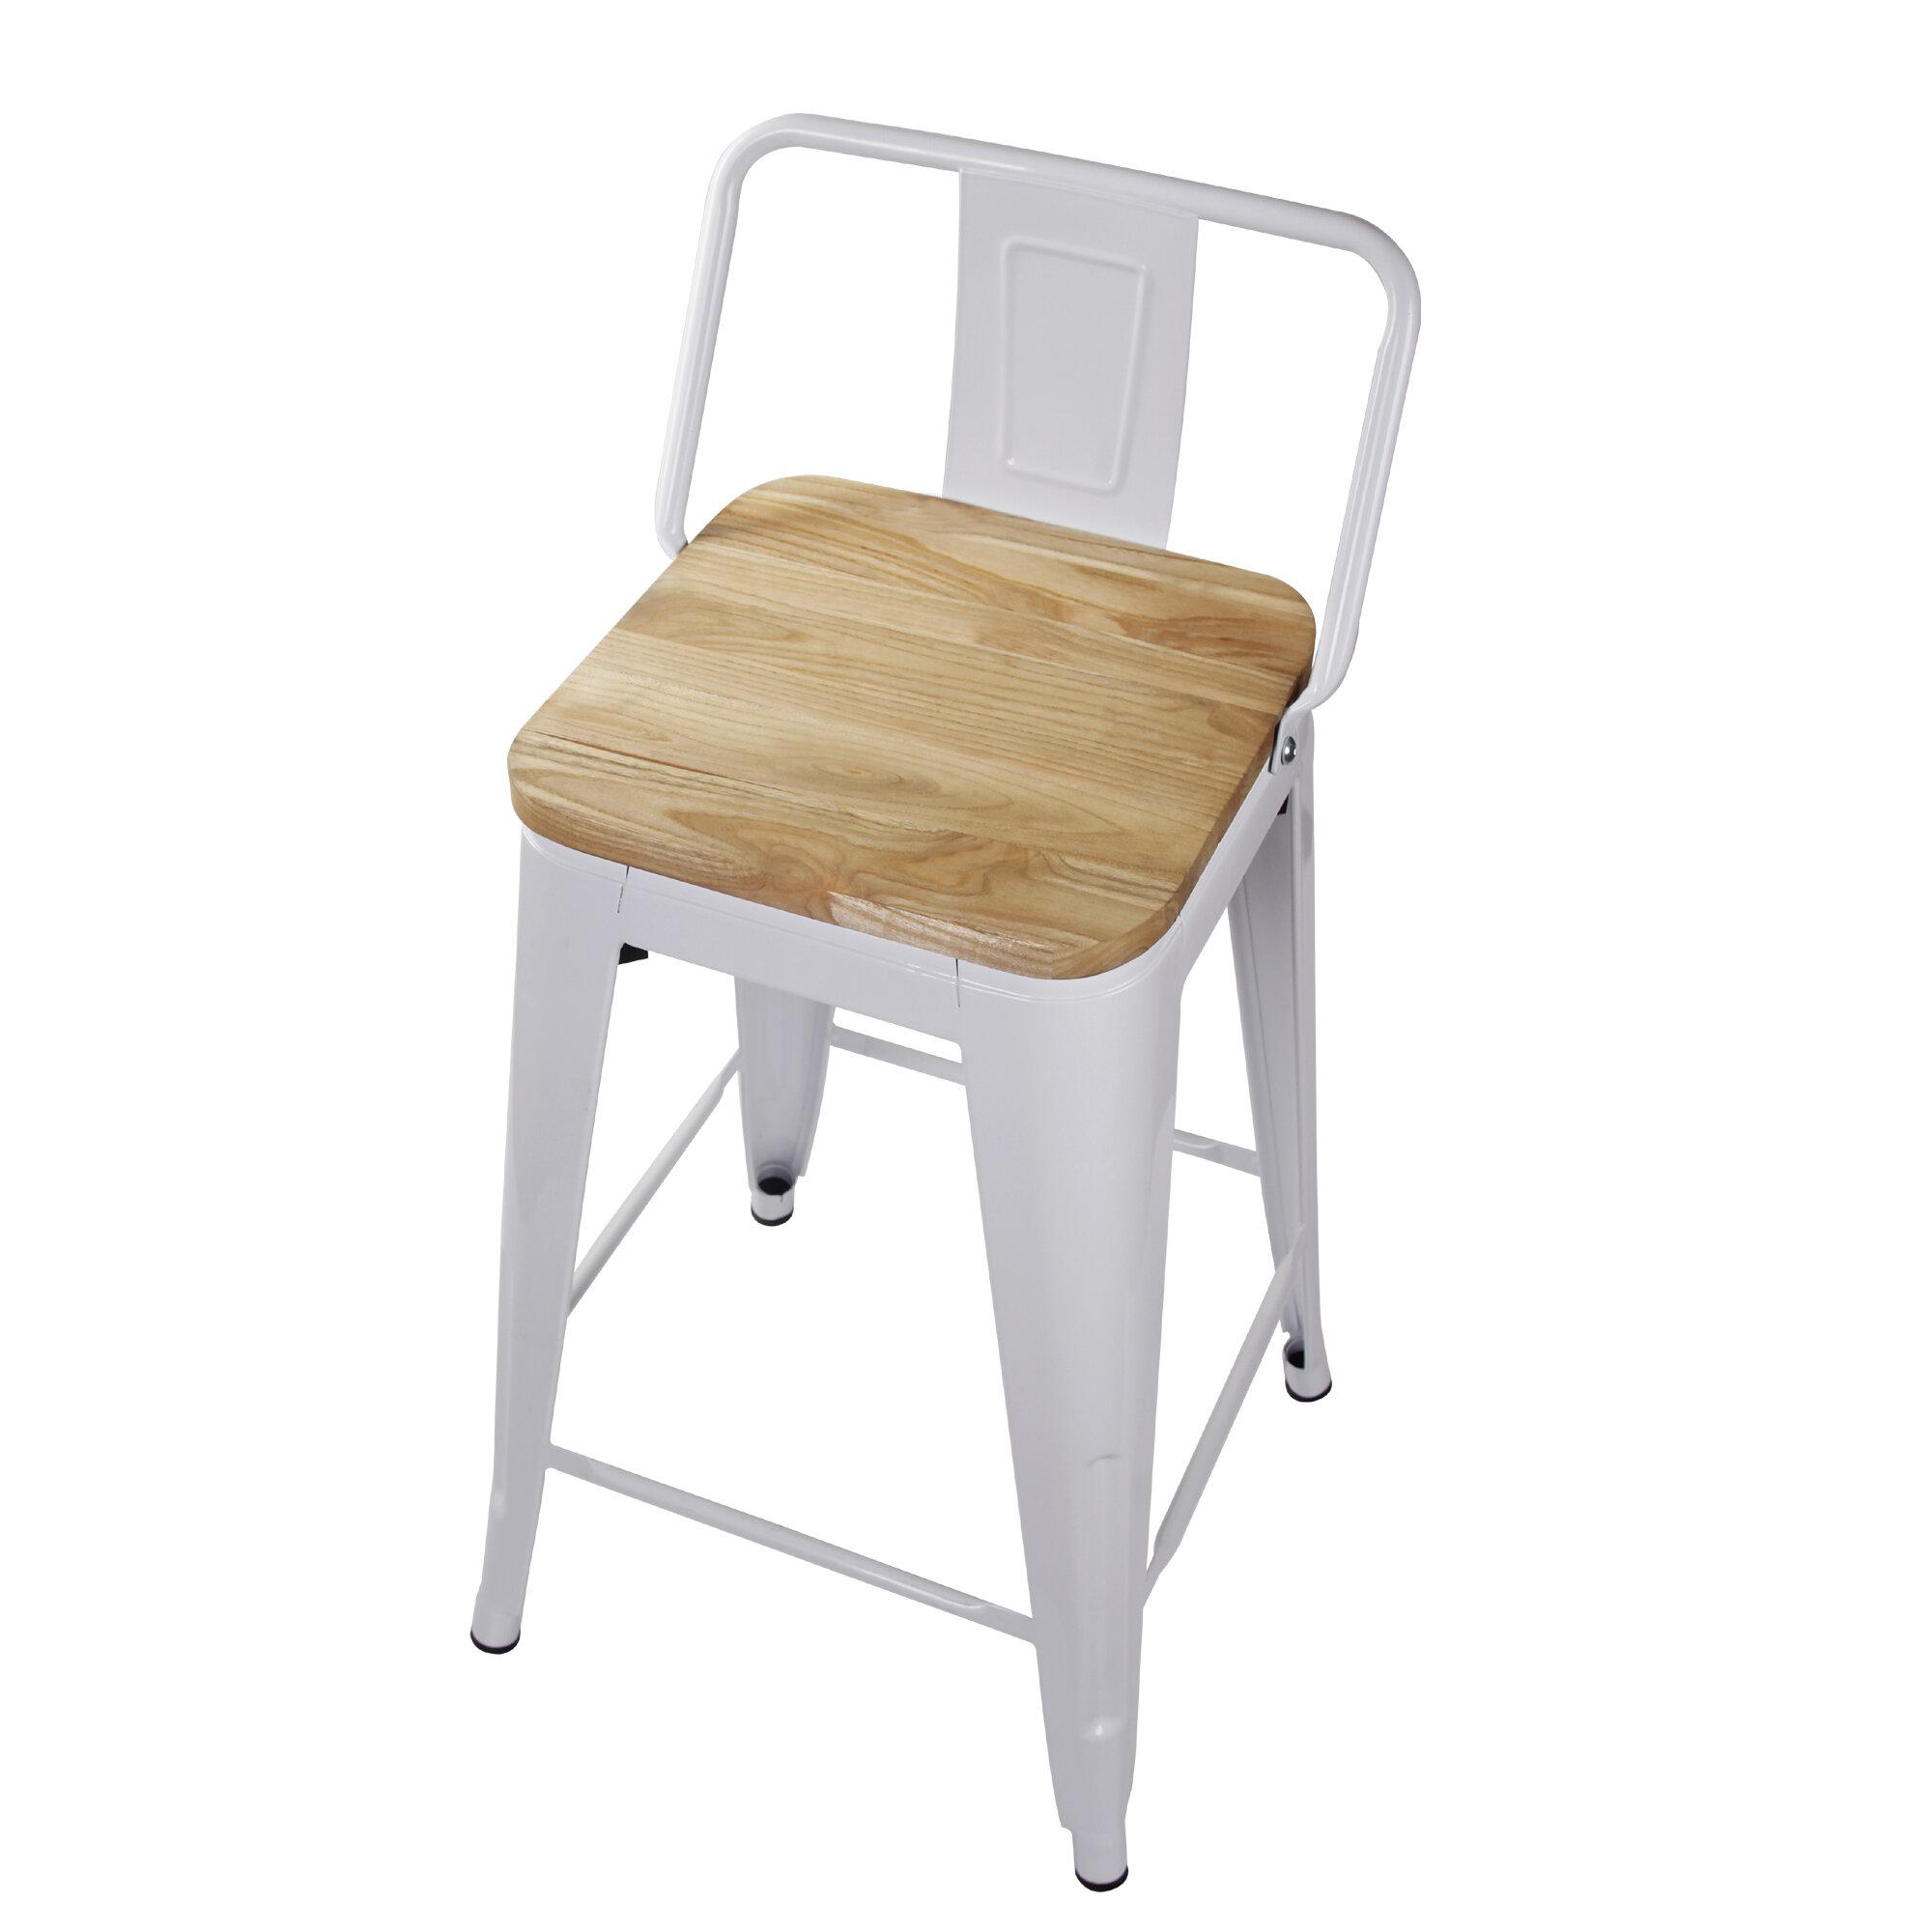 Excellent Alric Bar Stool Inzonedesignstudio Interior Chair Design Inzonedesignstudiocom